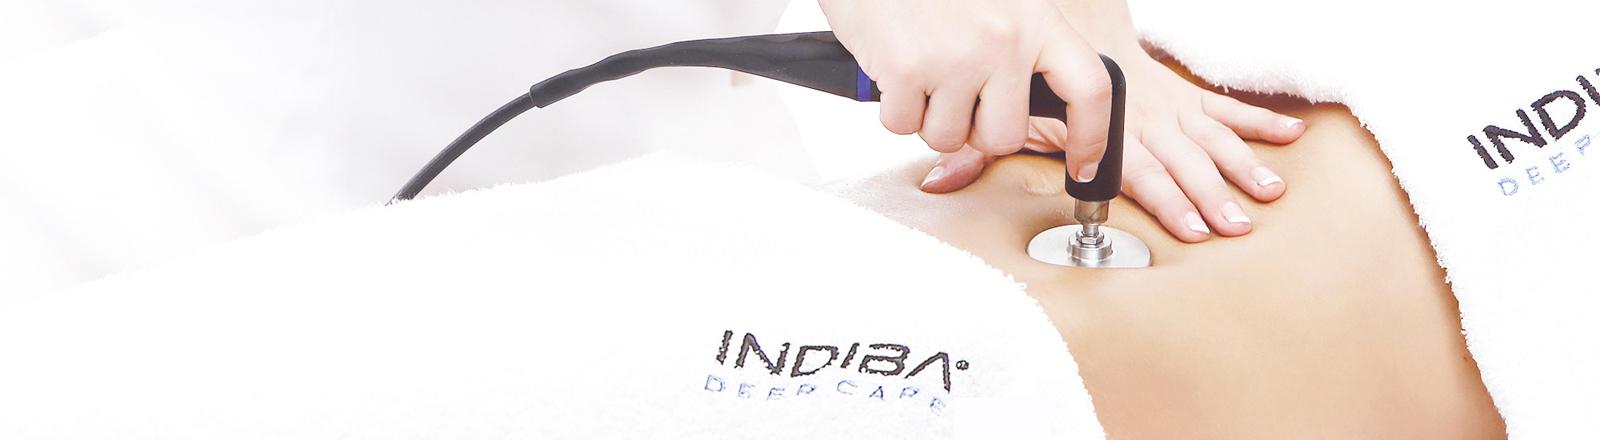 Diferencias entre Indiba Activ, Indiba Deep Beauty, Indiba Deep Care